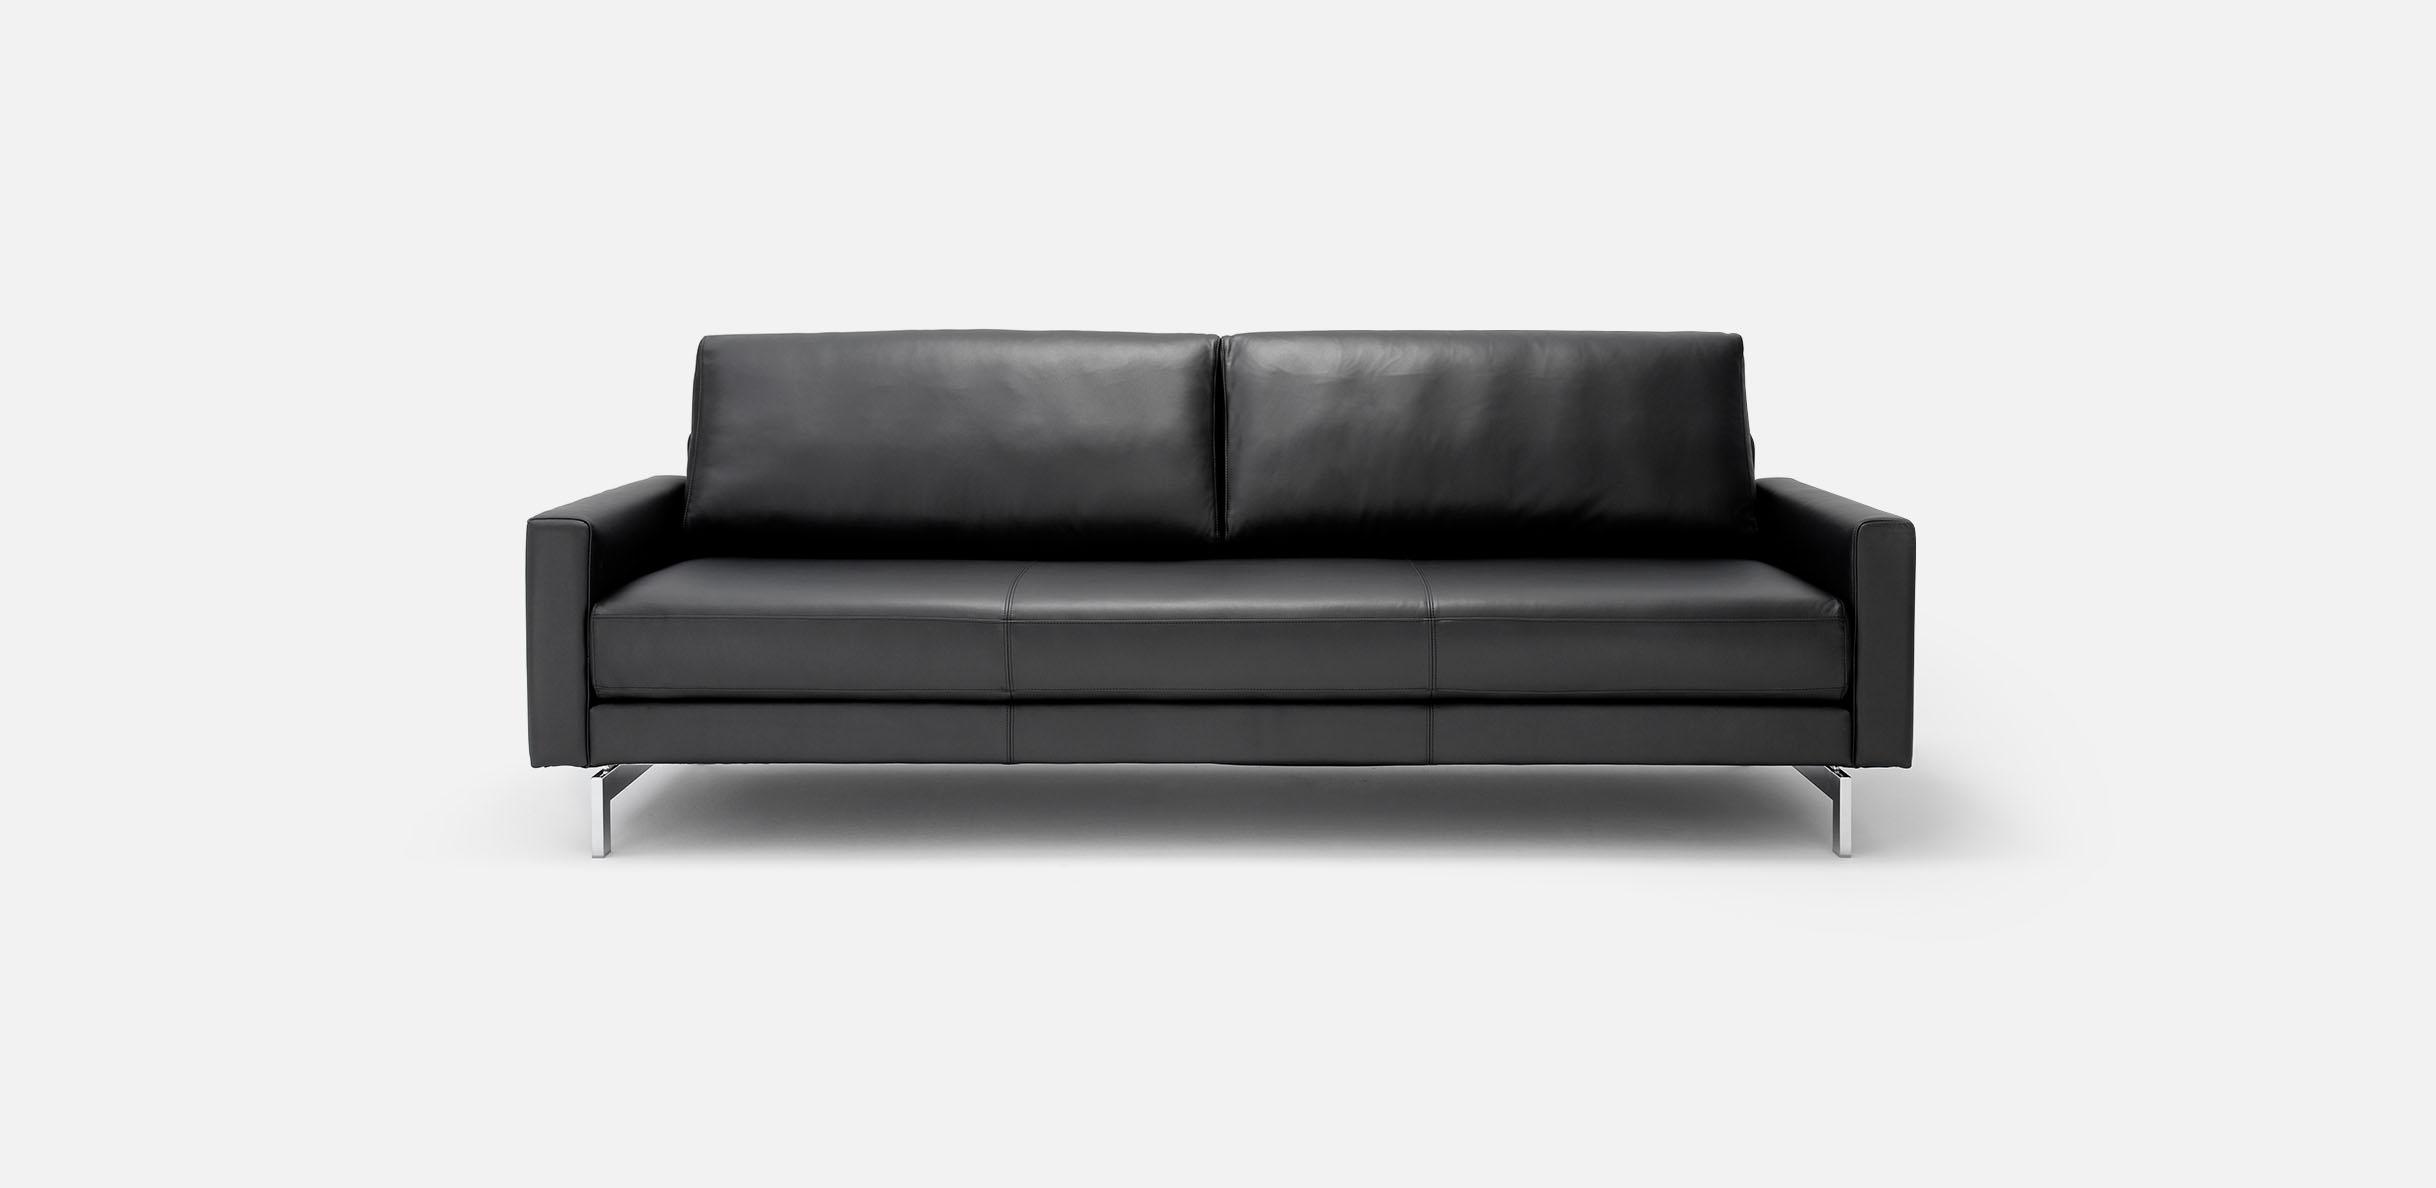 Vida for Rolf benz sofa 6500